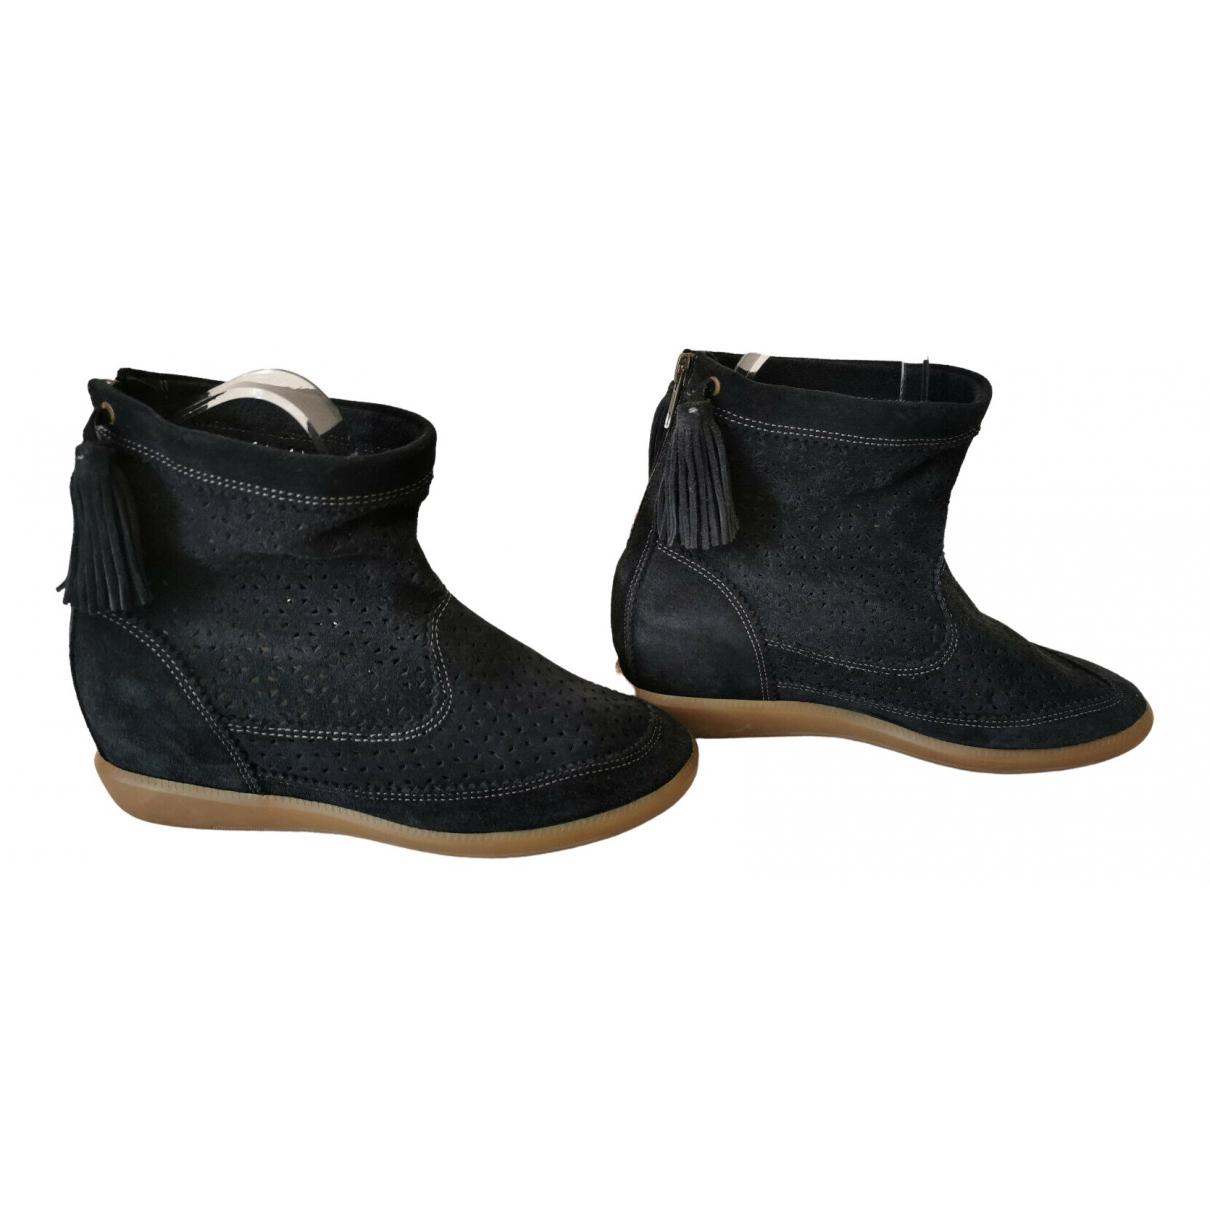 Isabel Marant - Boots Basley pour femme en suede - noir